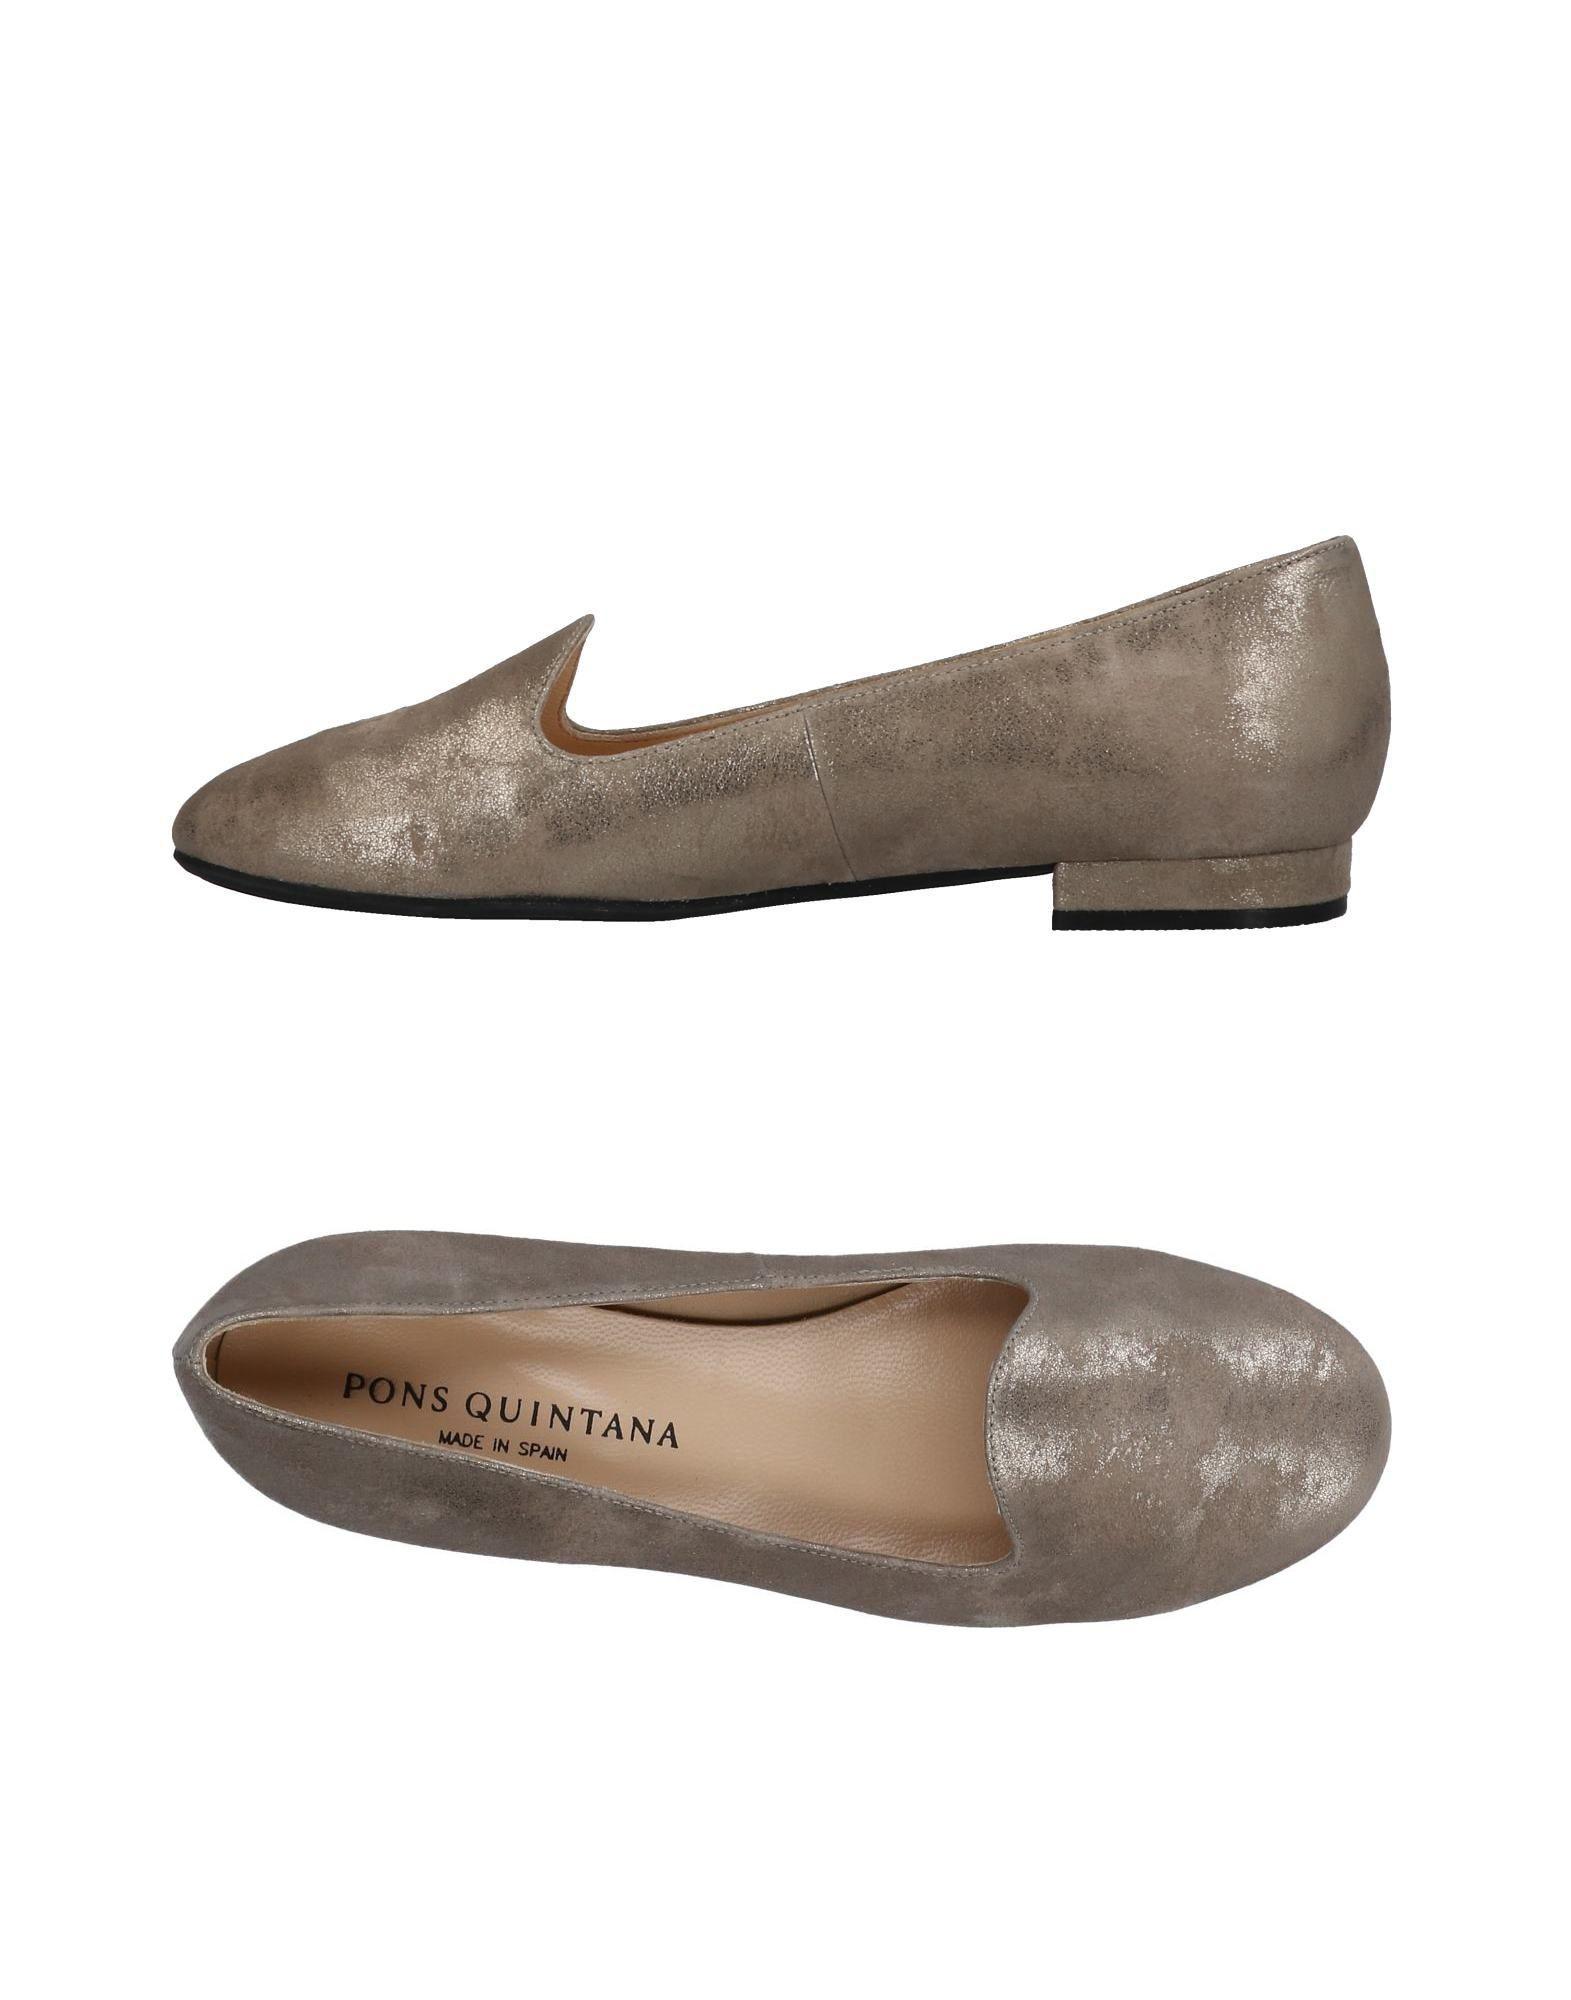 Pons Quintana Schuhe Mokassins Damen  11434154JU Gute Qualität beliebte Schuhe Quintana 3d6a88